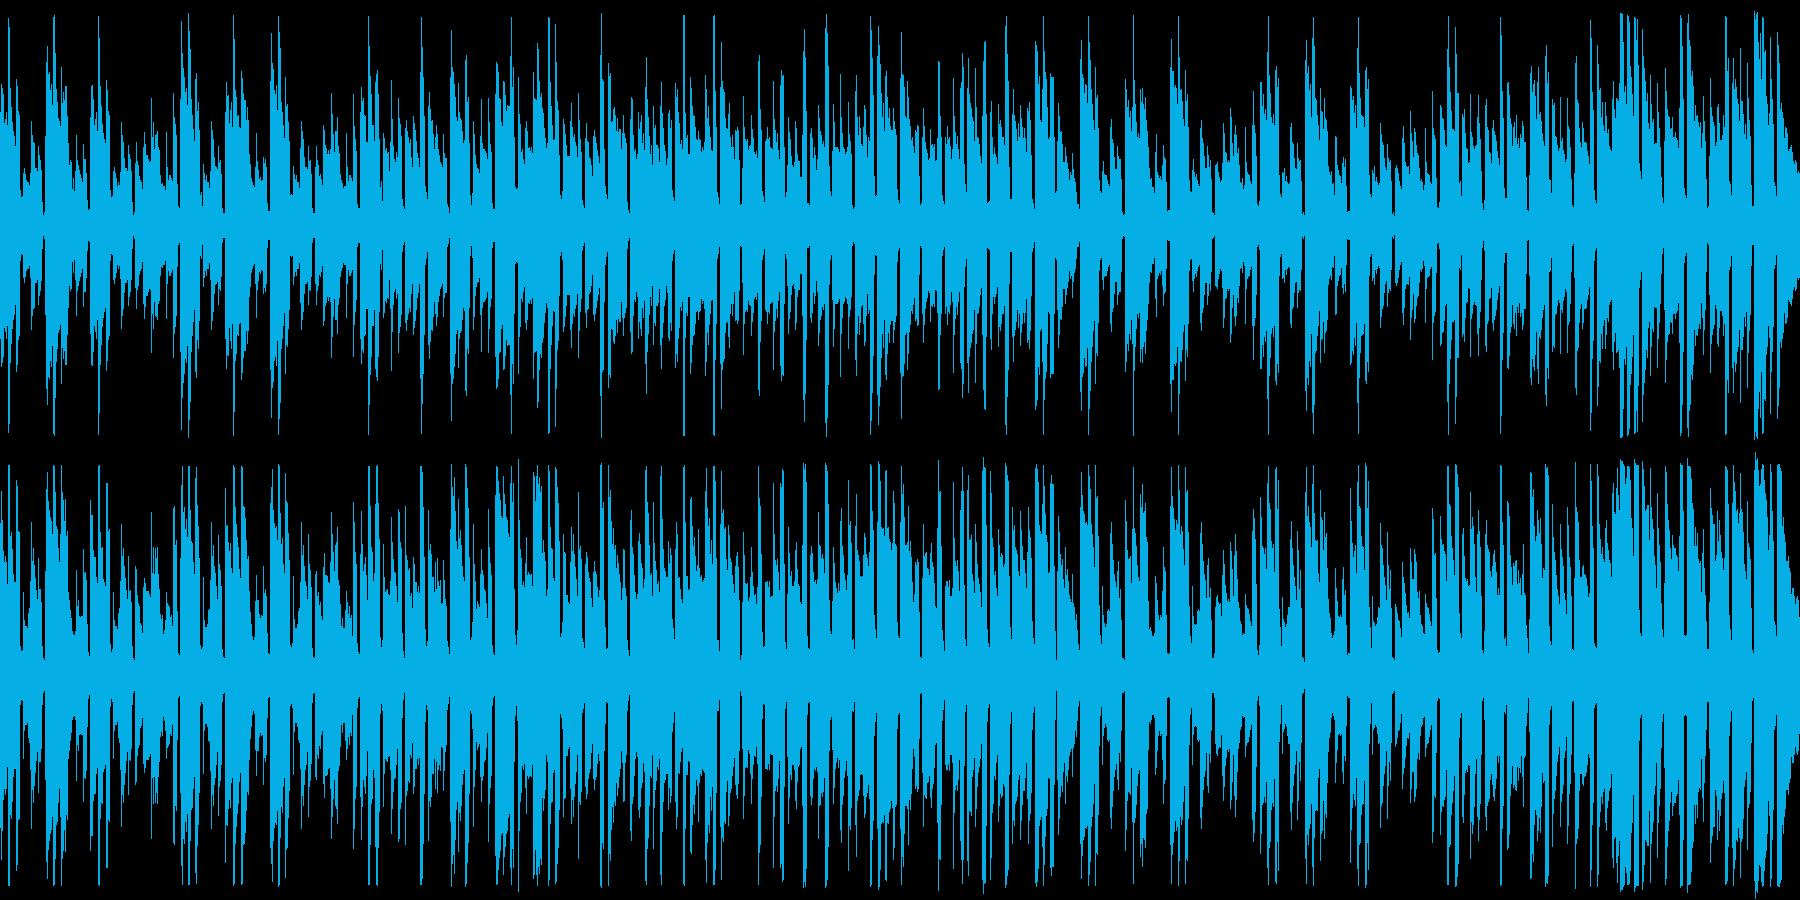 アコギのみの不思議な世界観の楽曲の再生済みの波形